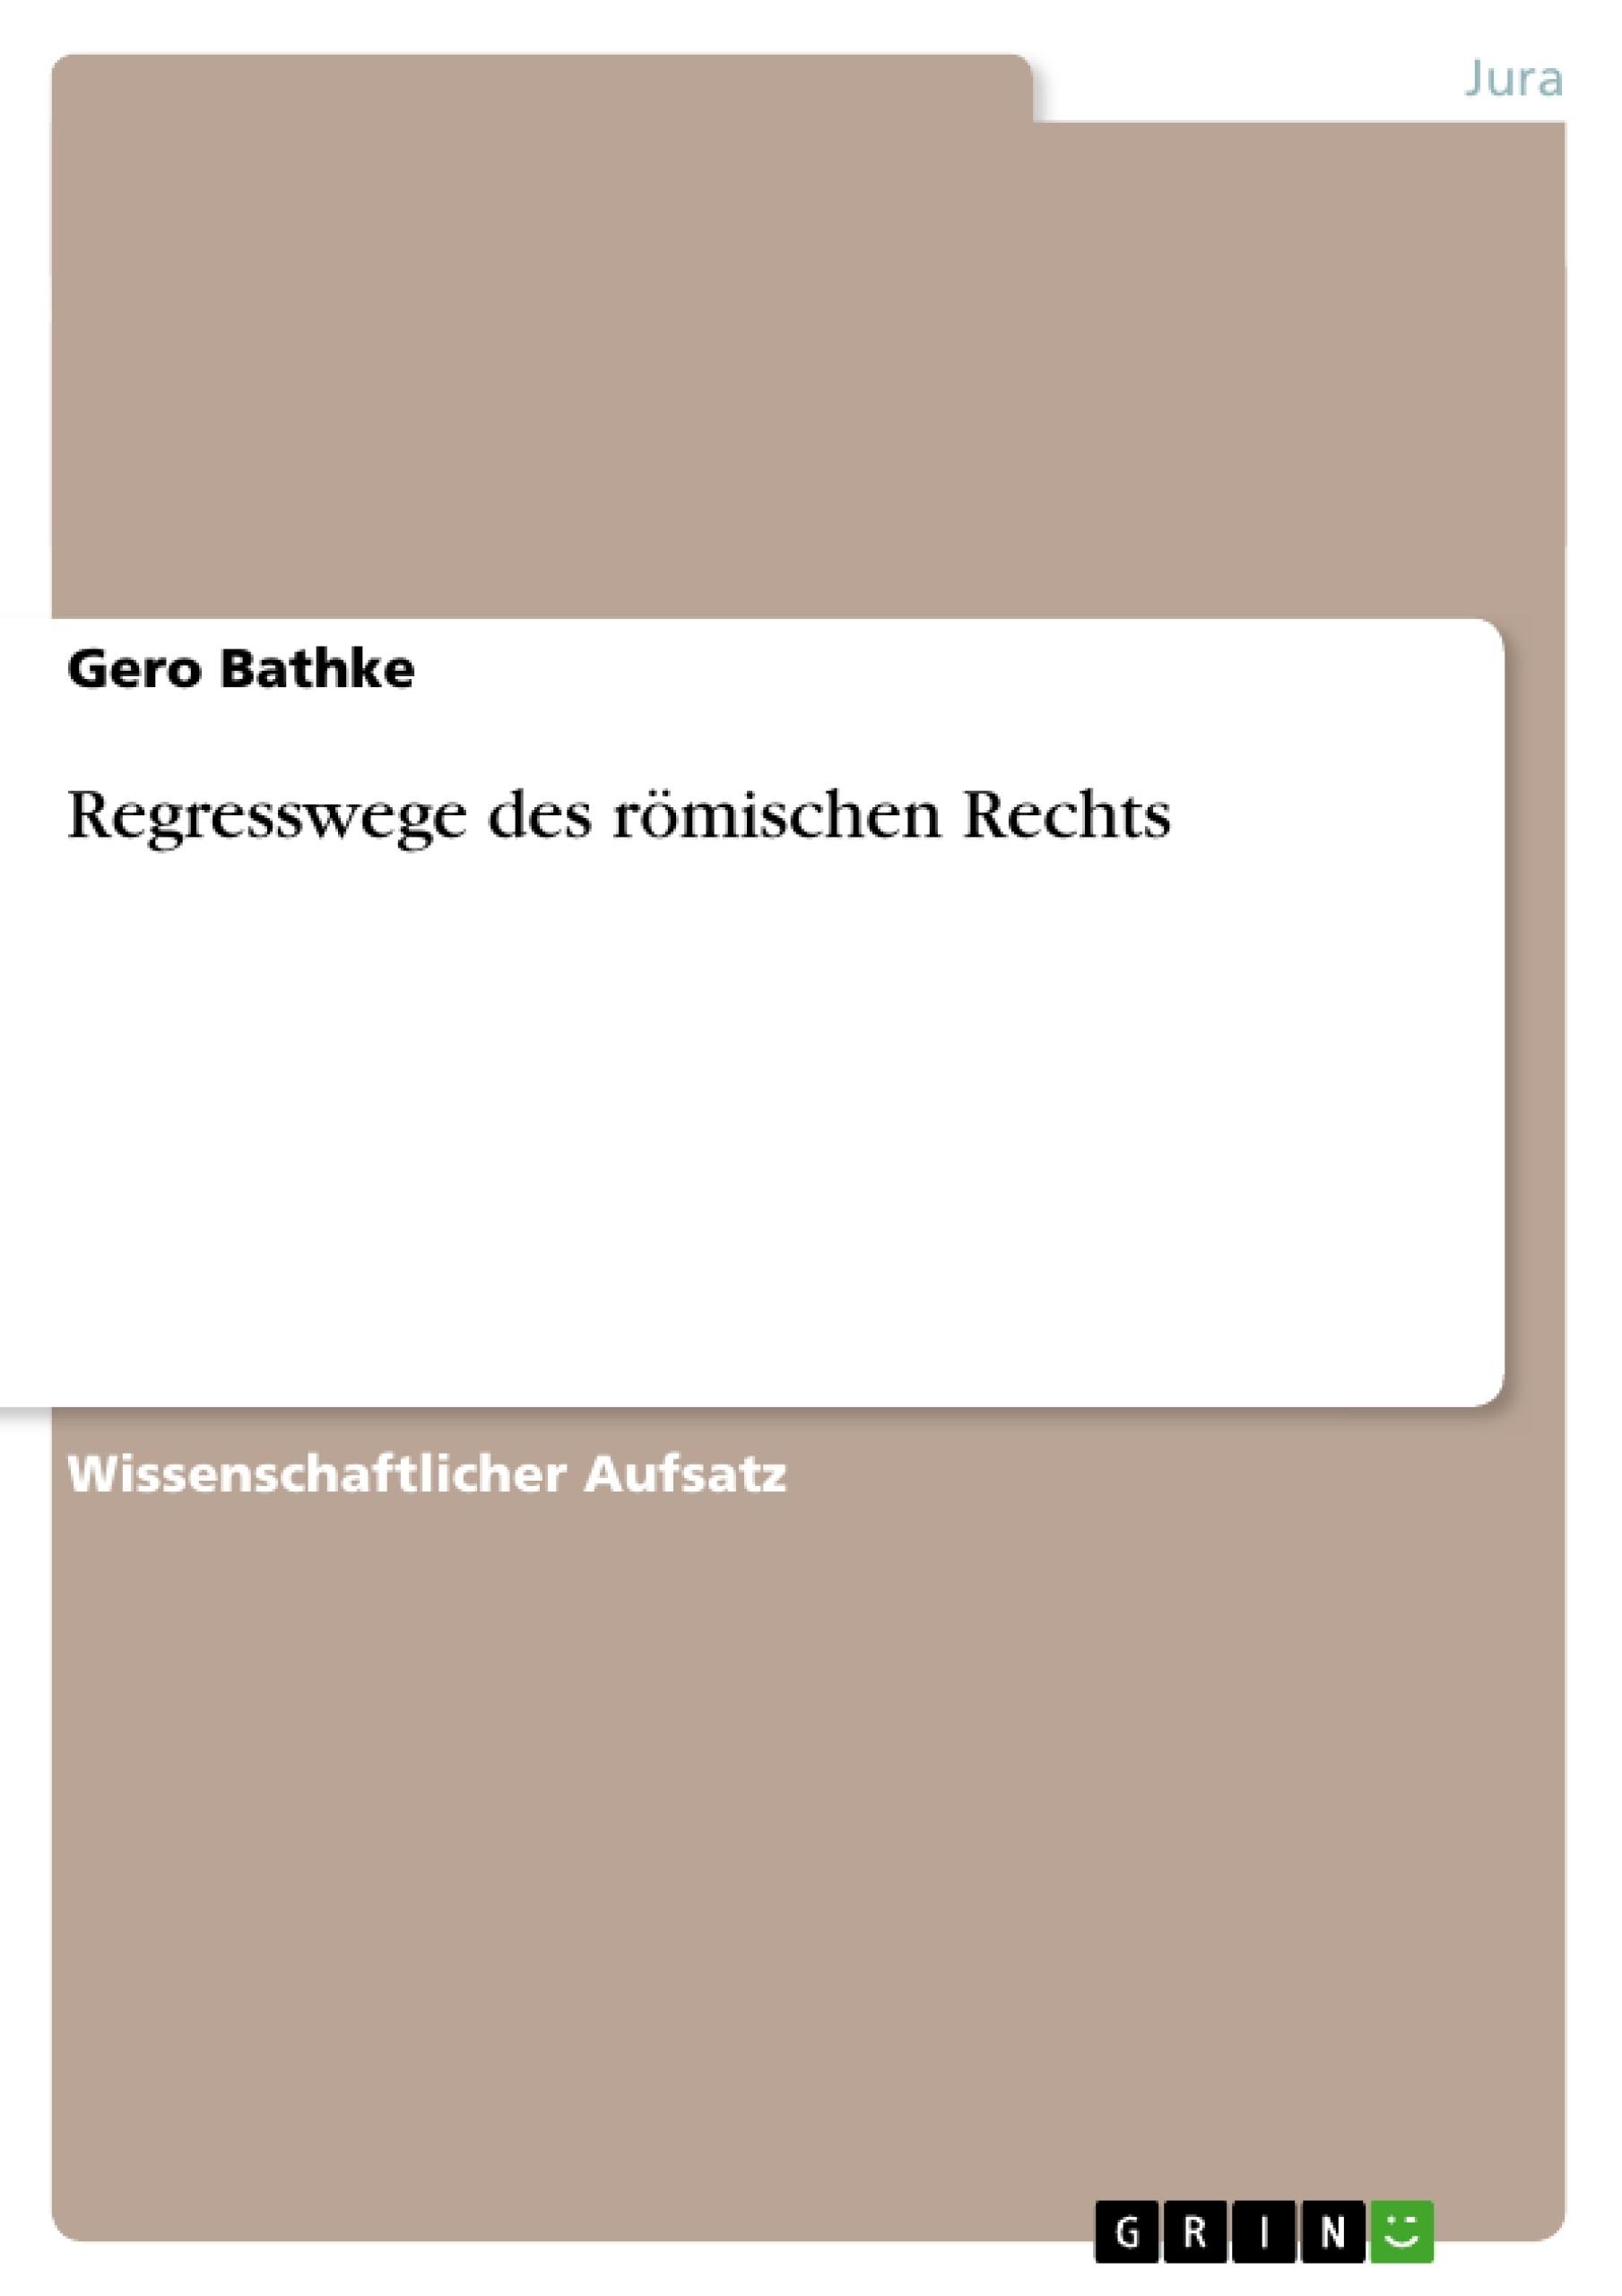 Titel: Regresswege des römischen Rechts